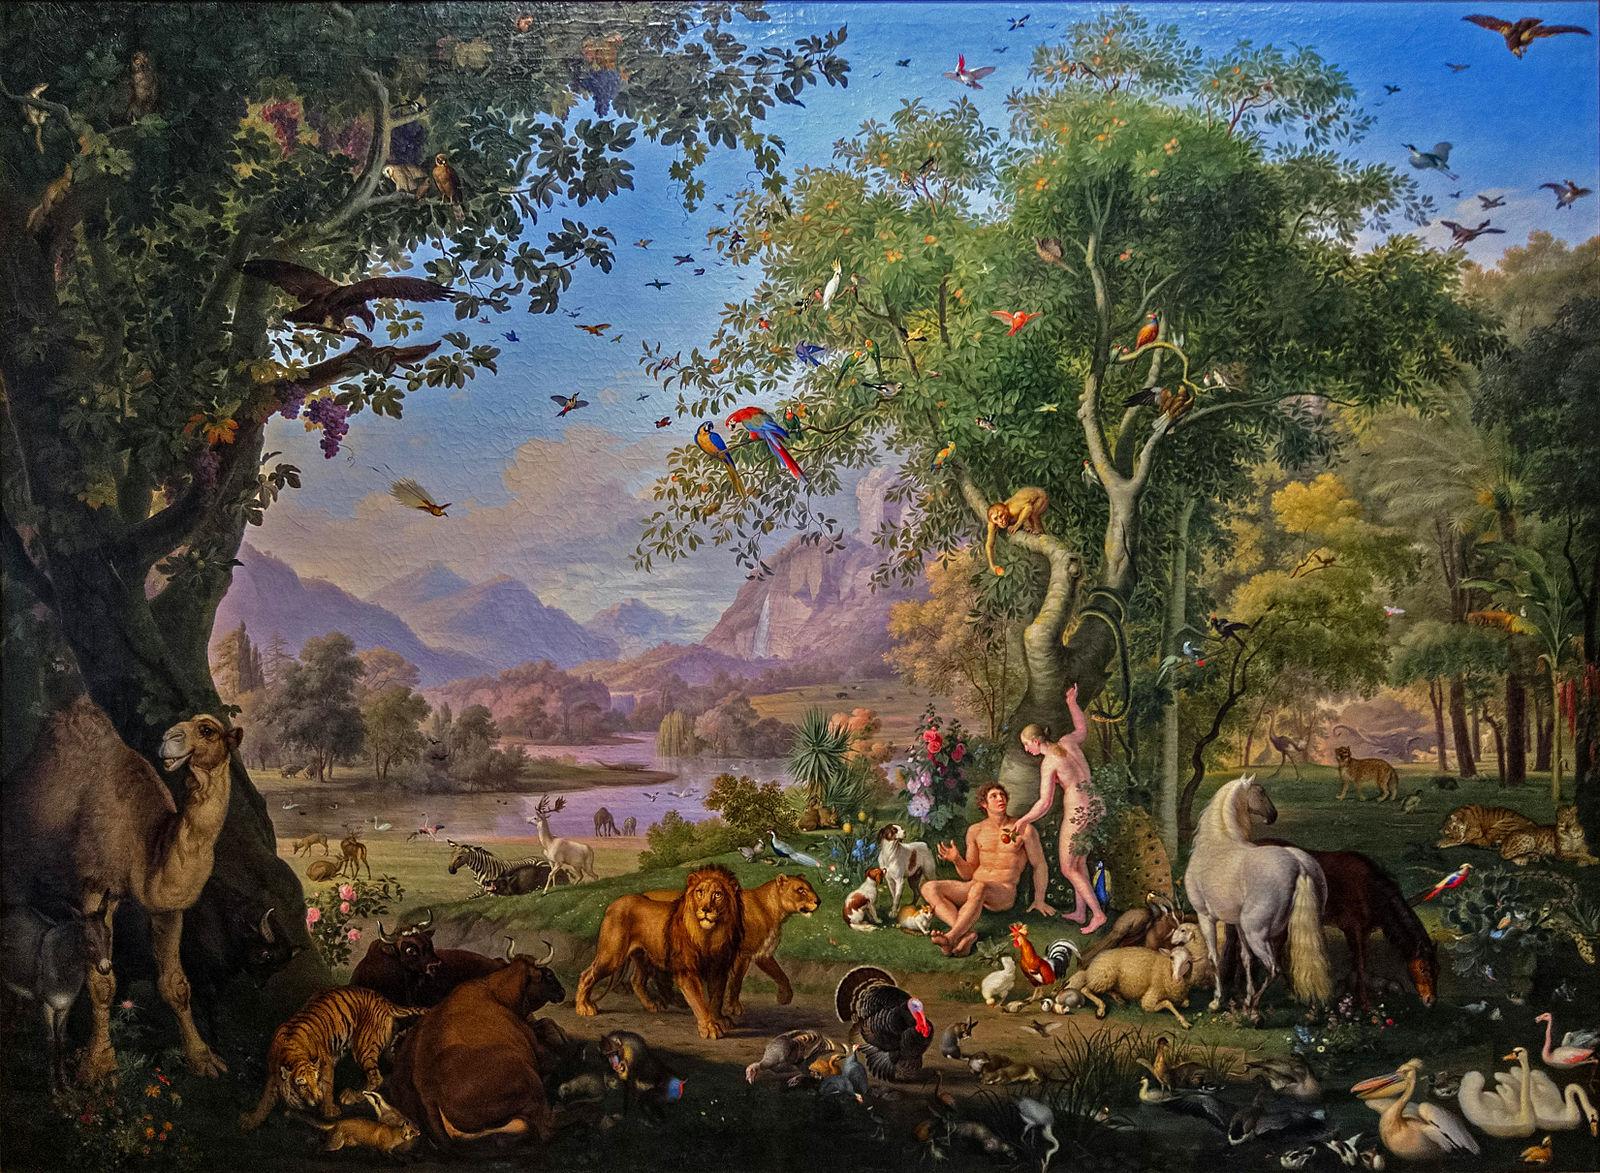 Adam Eve jardin Paradis arbre ciel montagnes animaux fleurs Johann Wenzel Peter